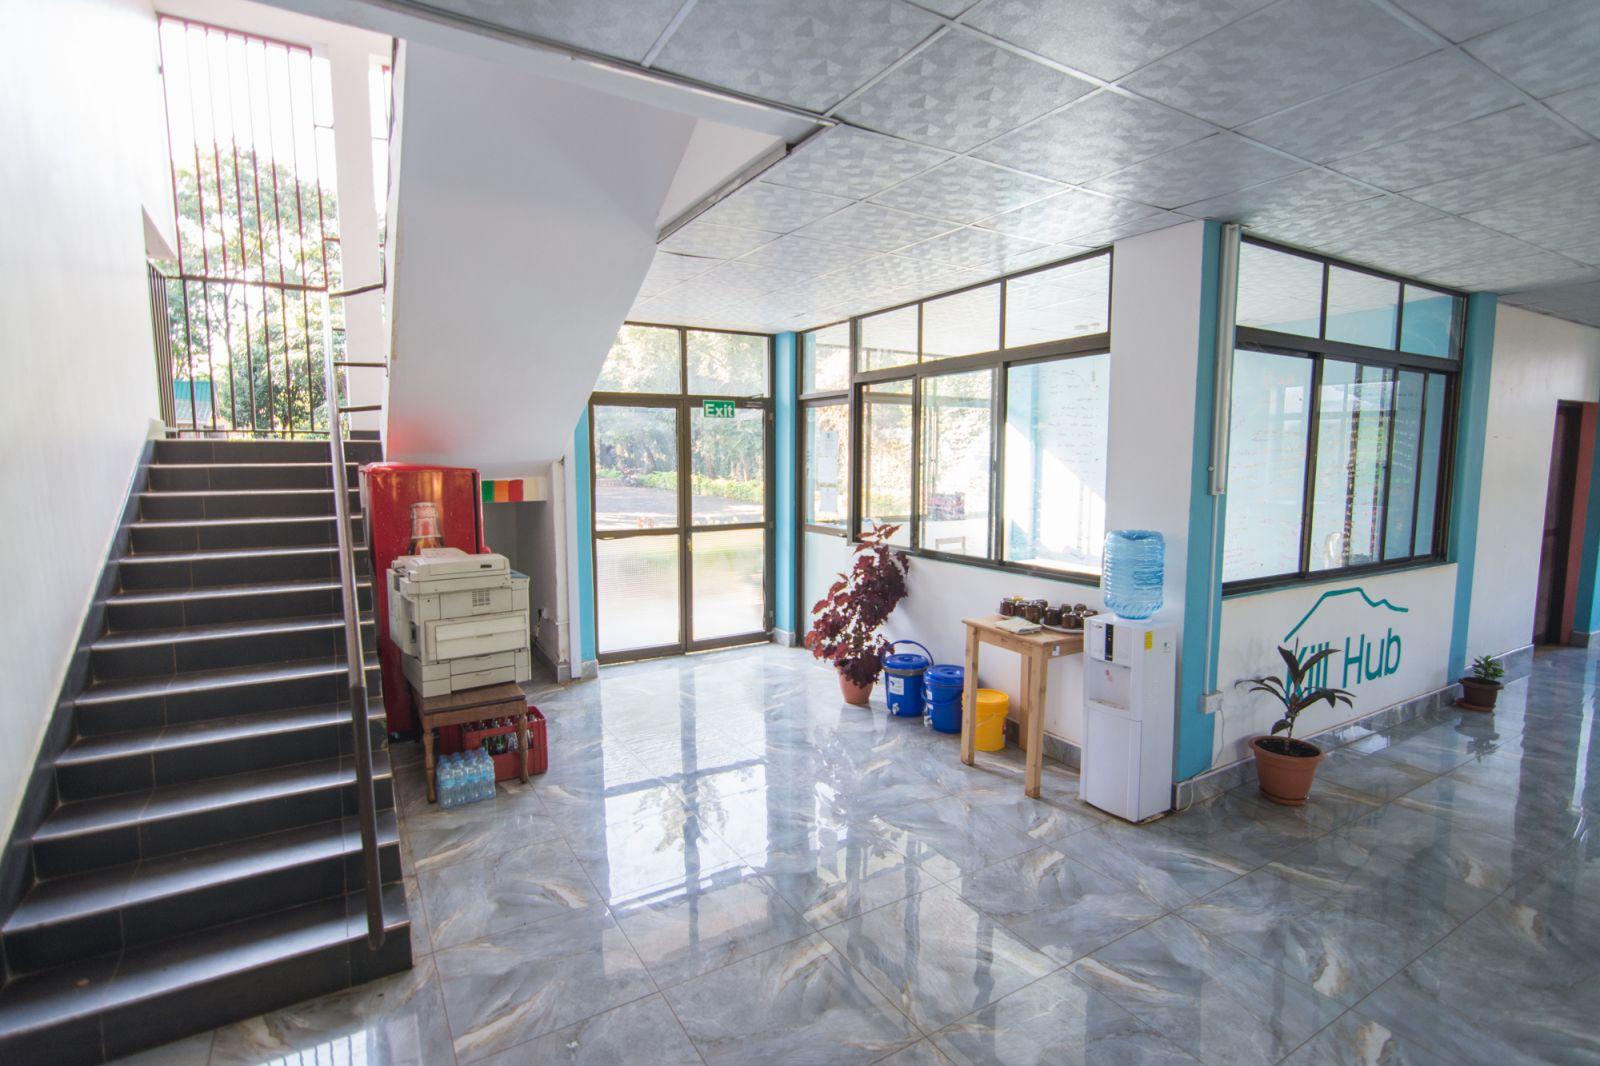 Kili Hub, Moshi